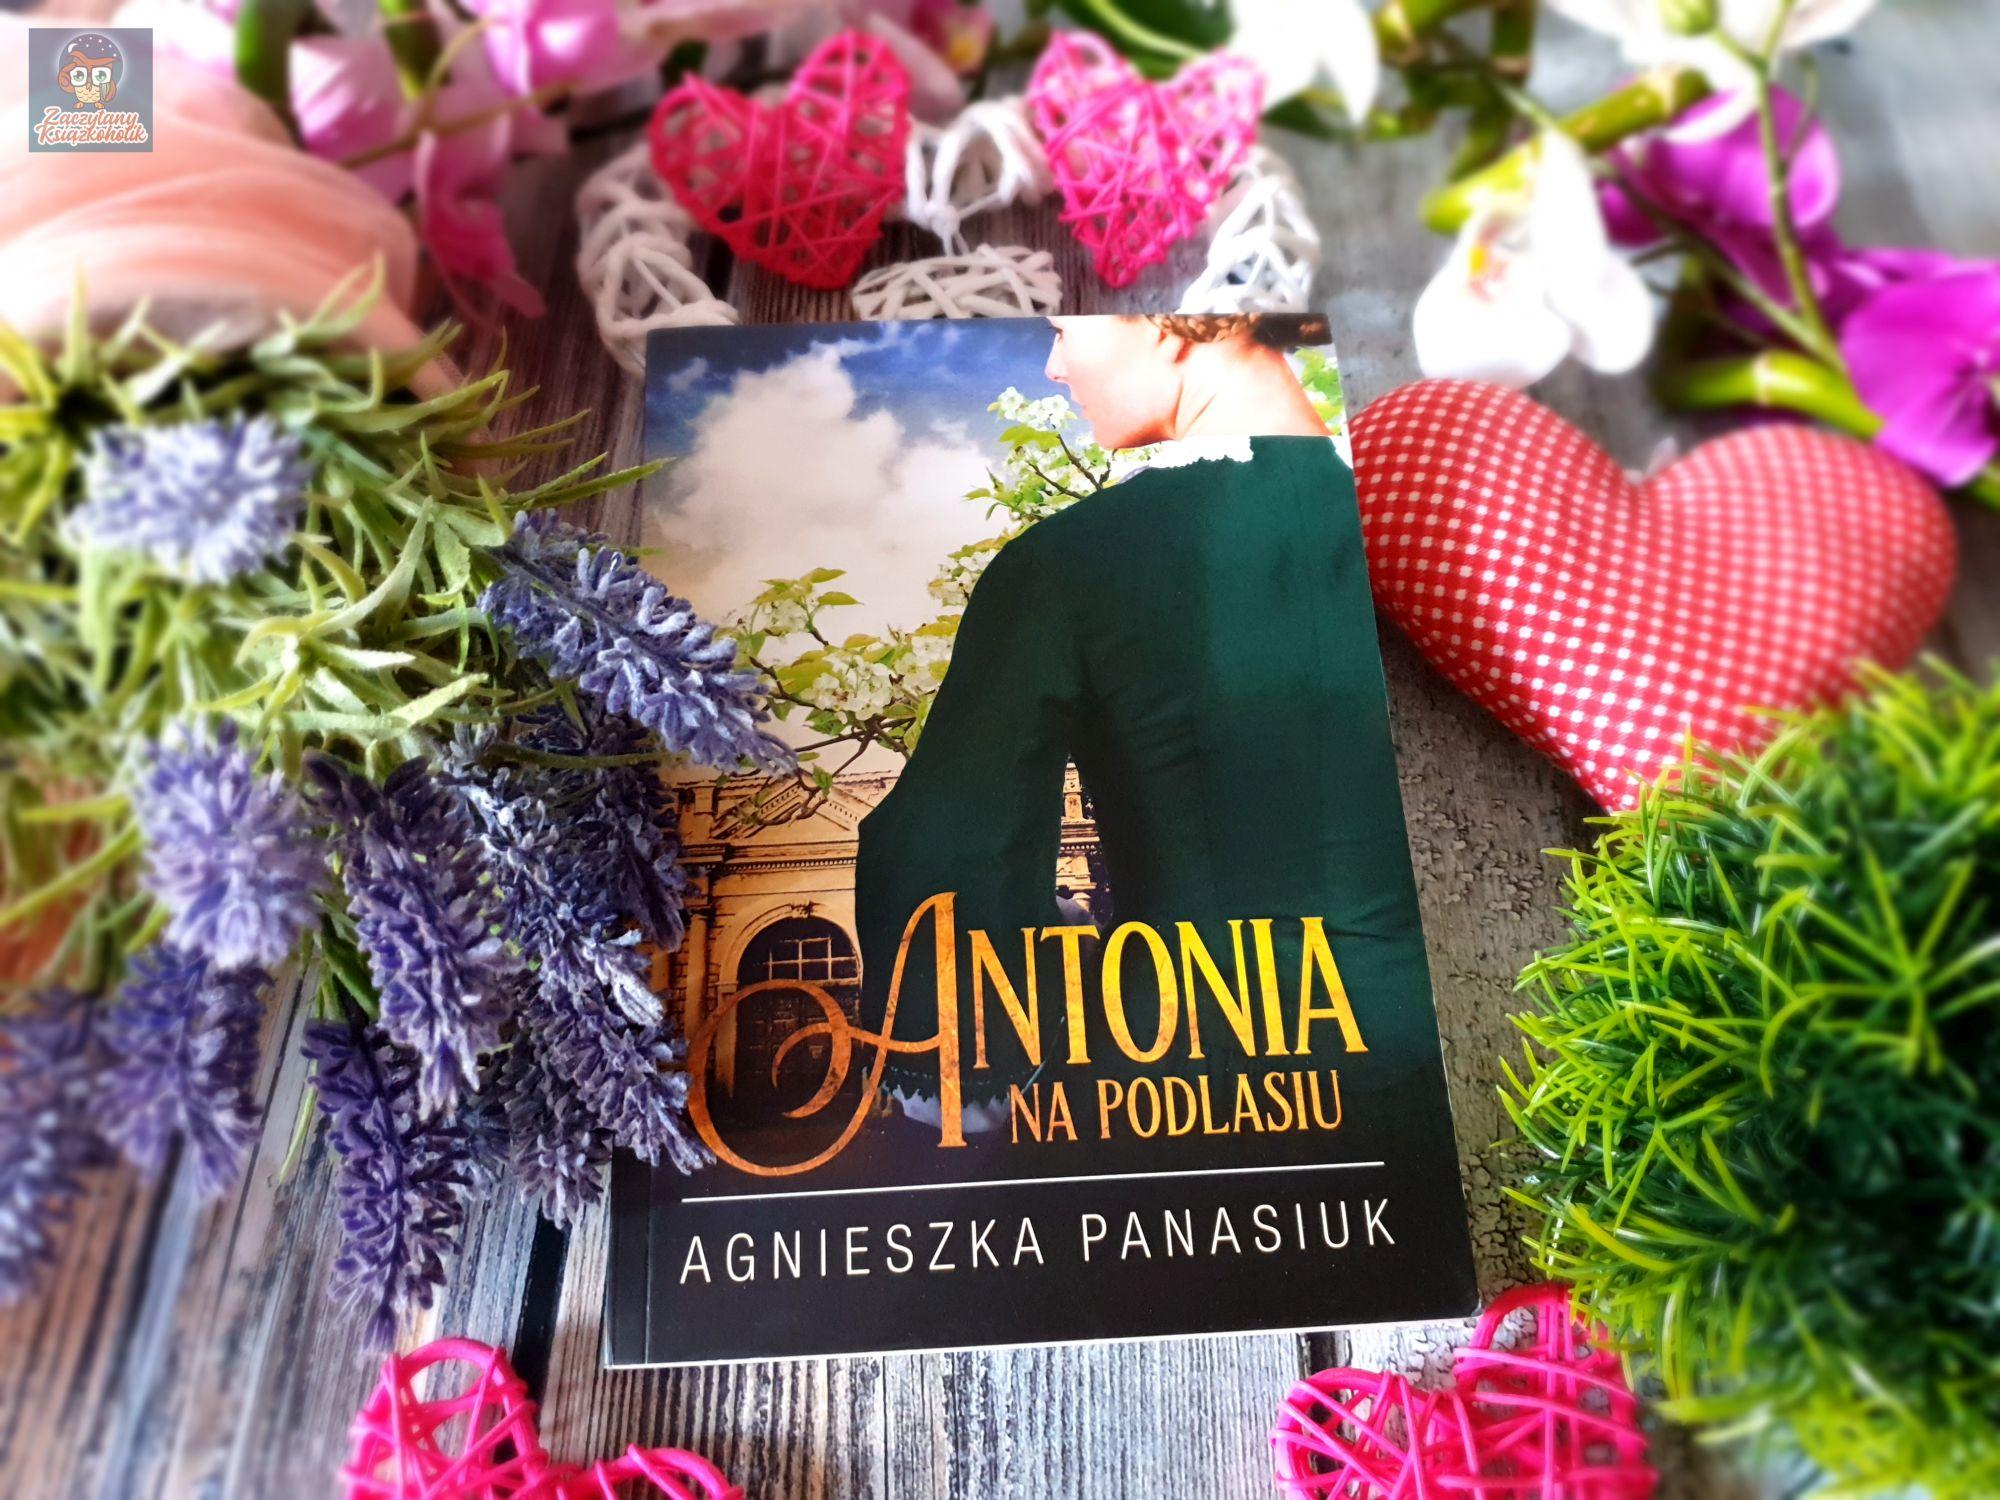 Agnieszka Panasiuk, Antonia na Podlasiu, zaczytanyksiazkoholikPL